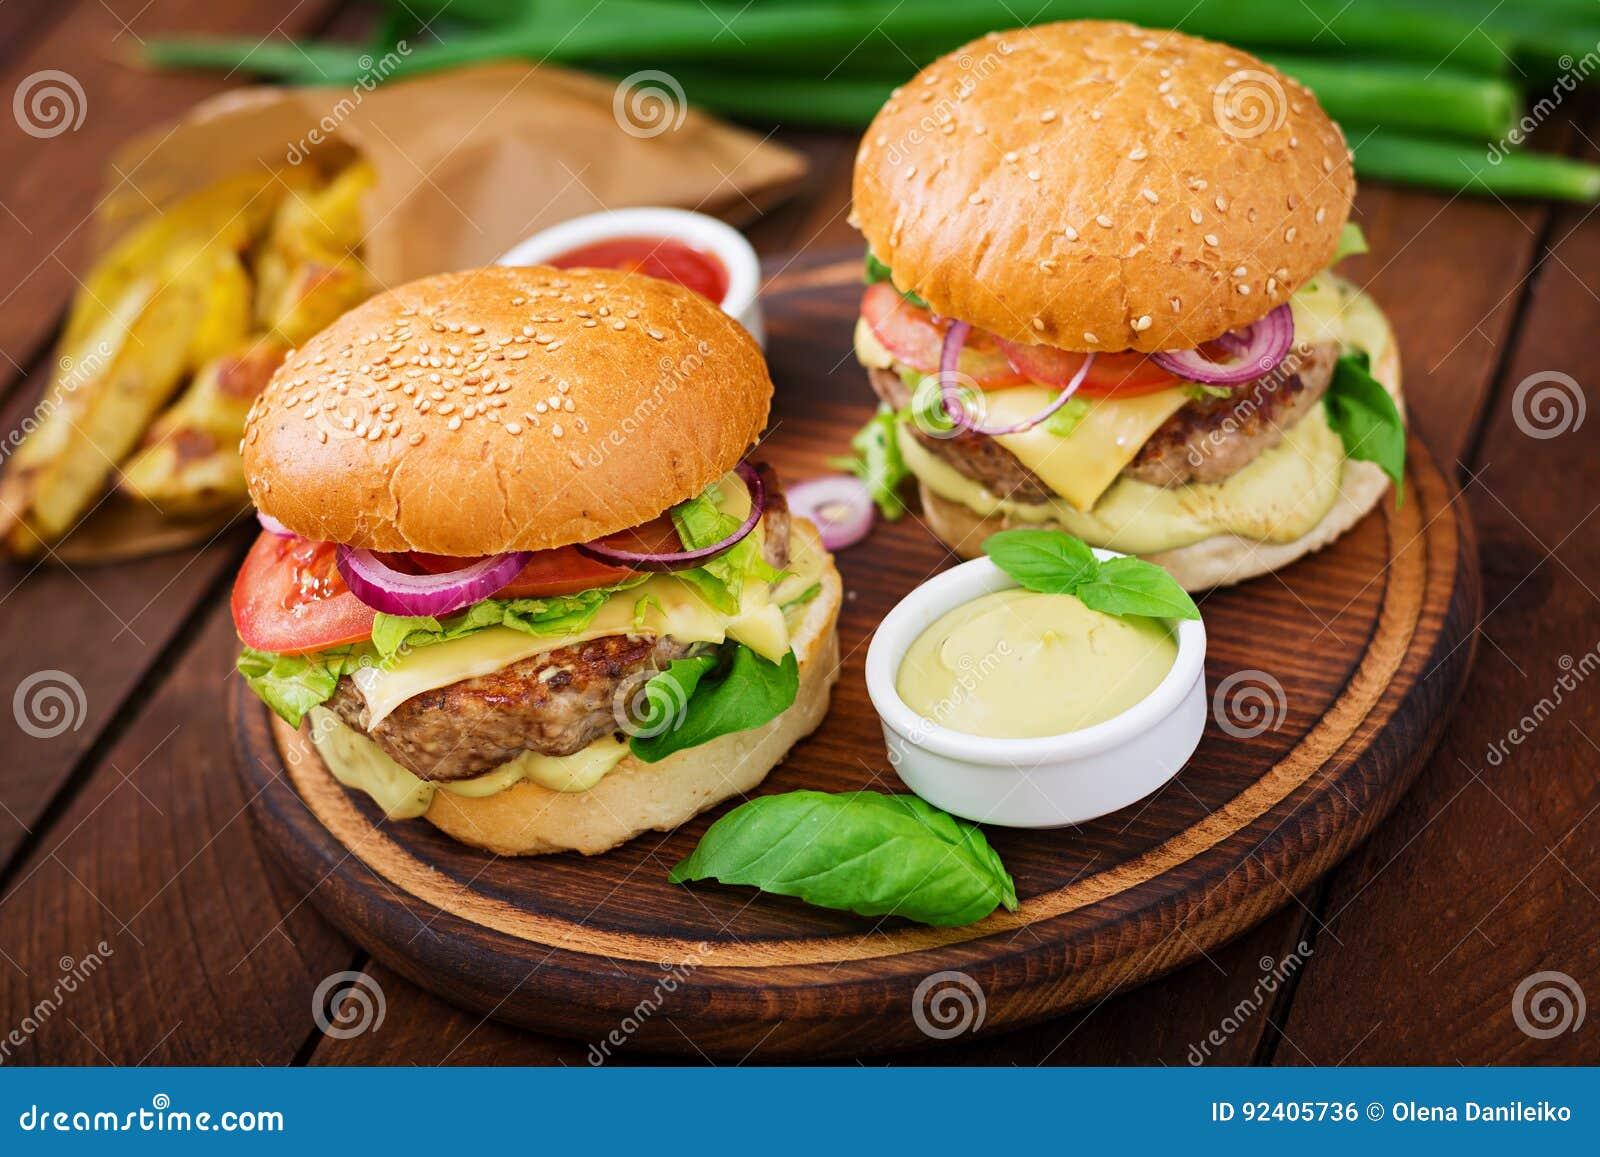 Großes Sandwich - Hamburger mit saftigem Rindfleischburger, Käse, Tomate und roter Zwiebel